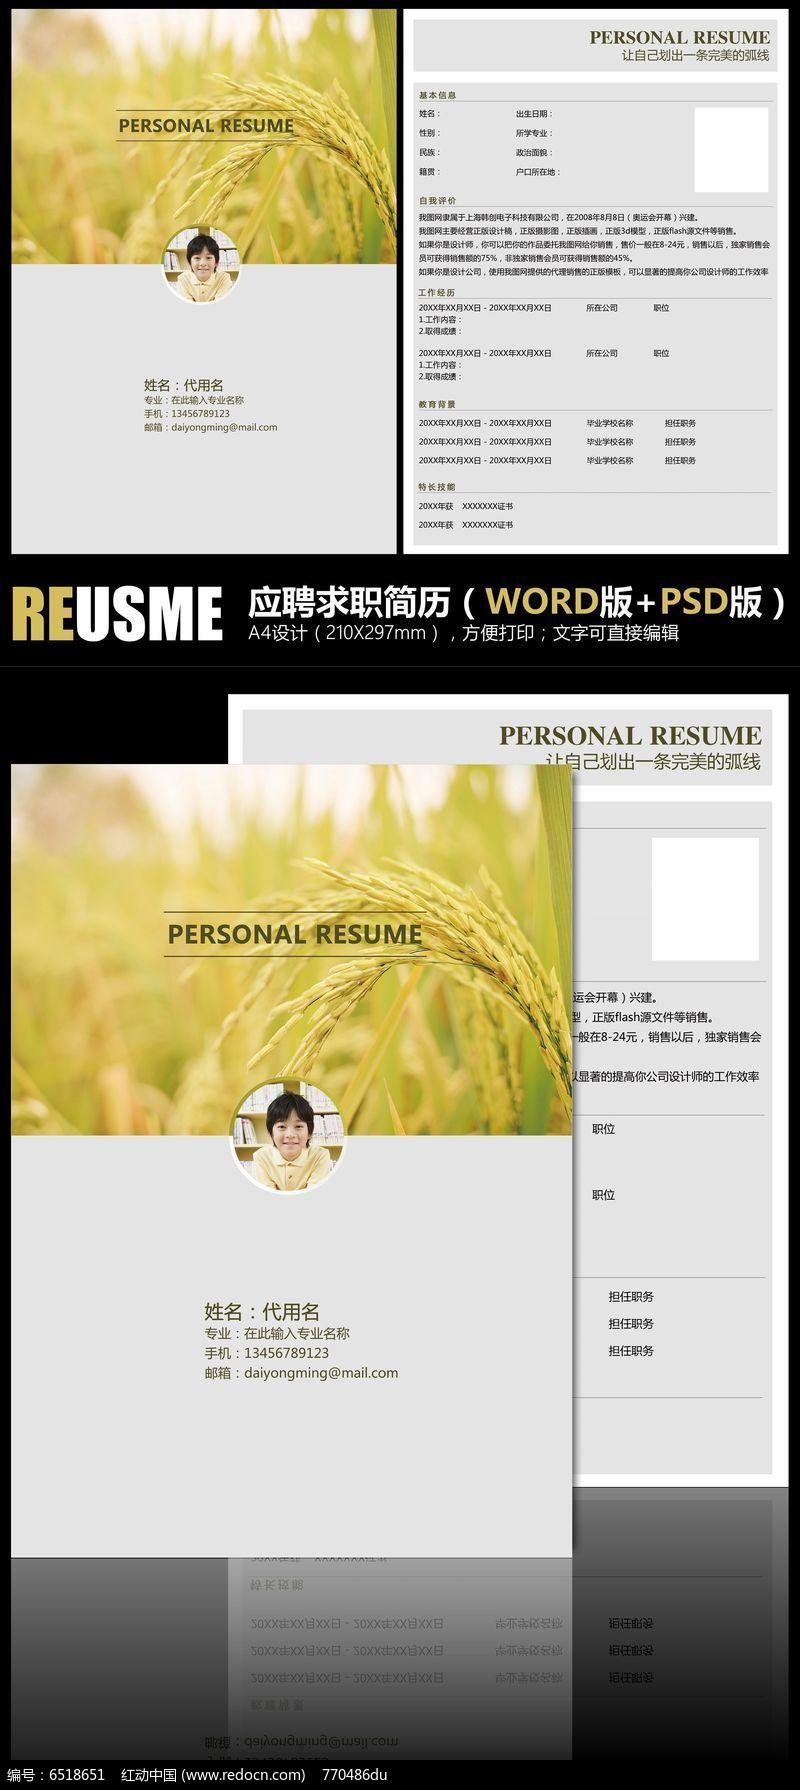 稻香丰收求职简历双格式模板PSD素材下载 求职简历设计图片